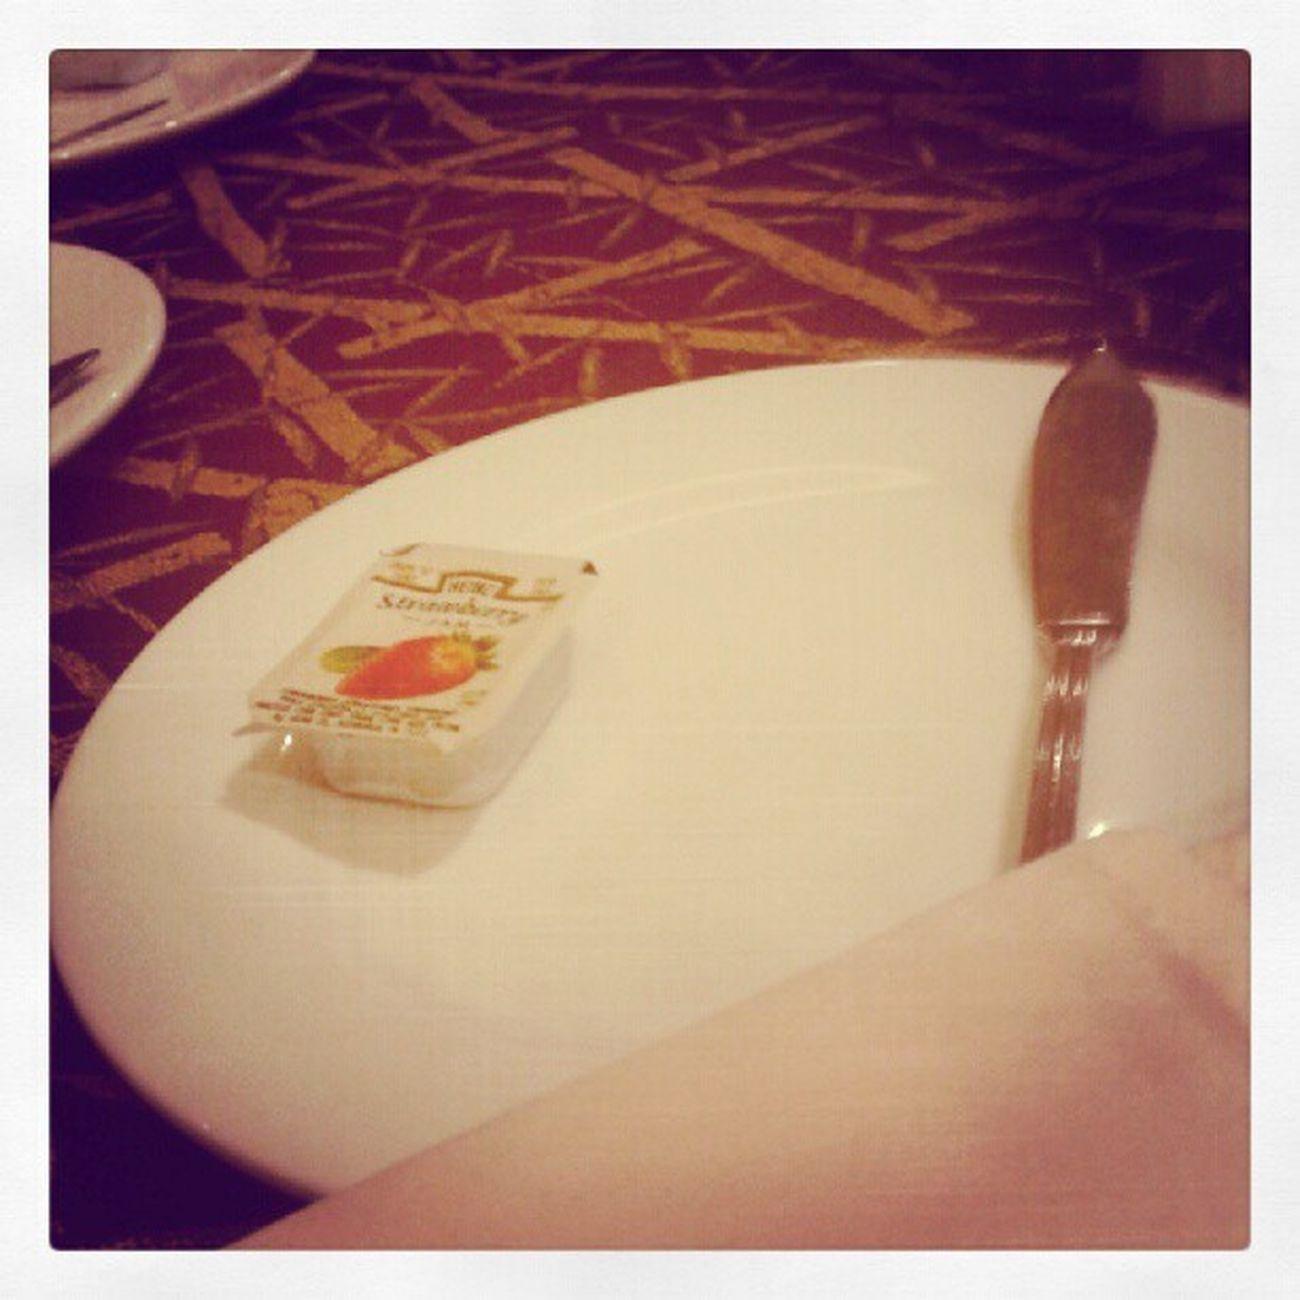 Desayunado en el CommuntyEC